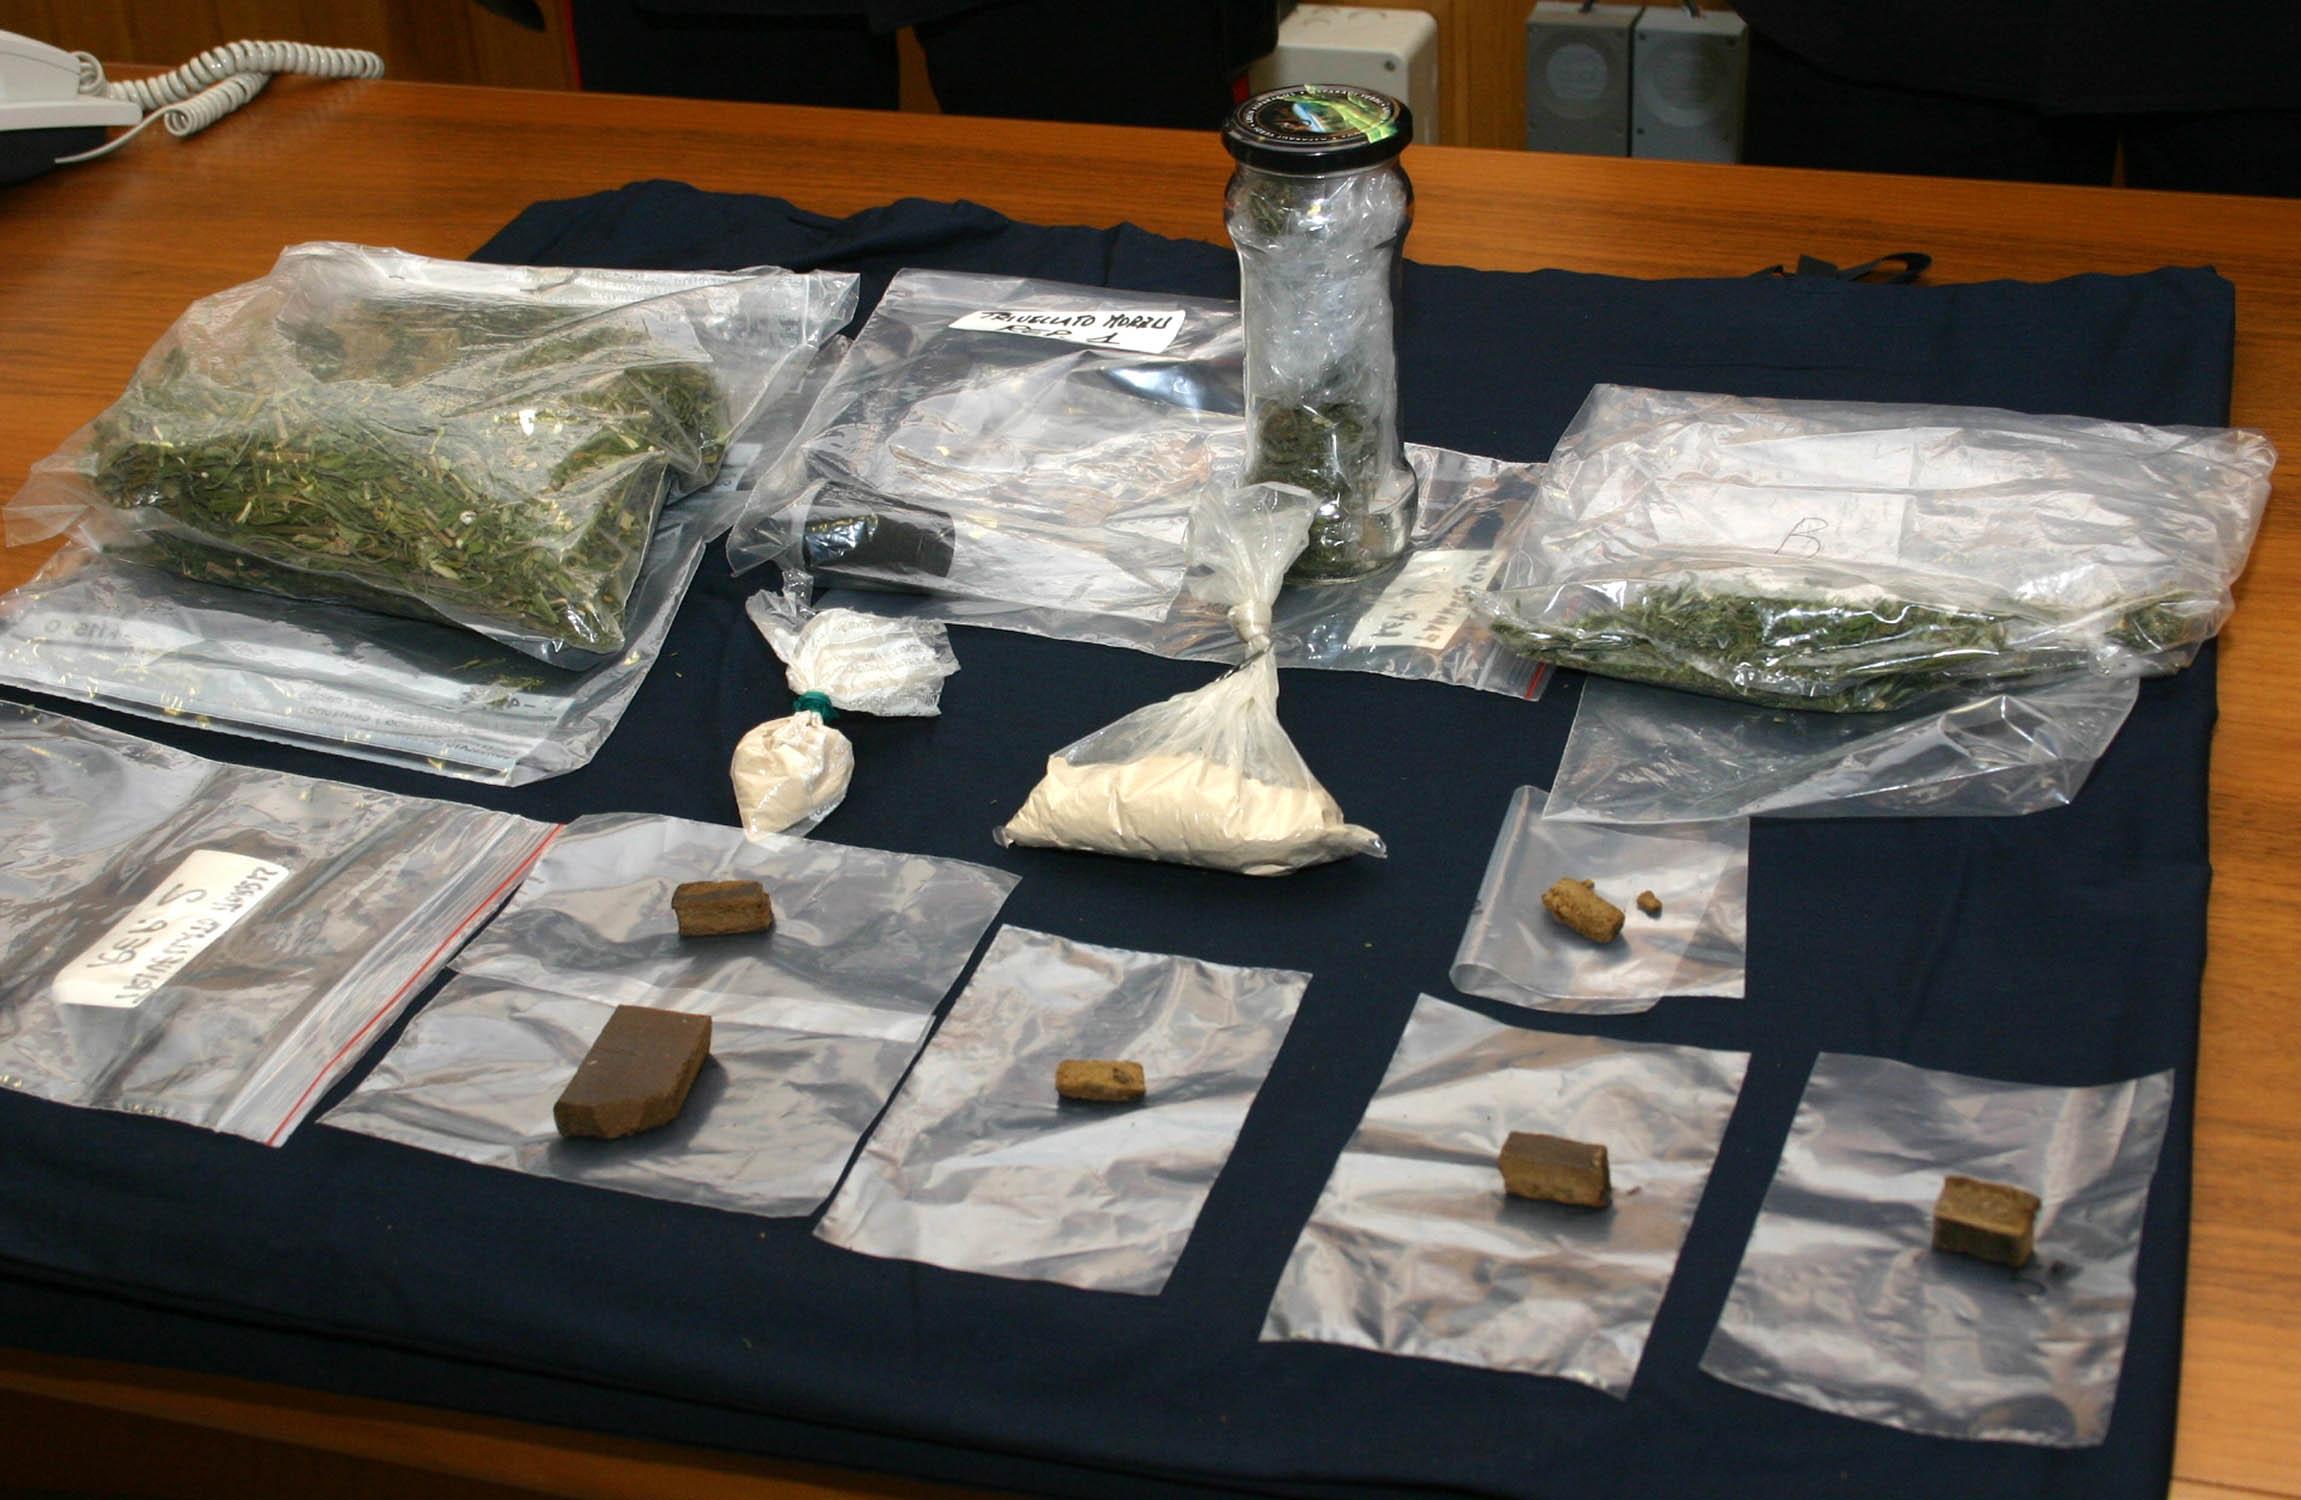 arresti carabinieri droga